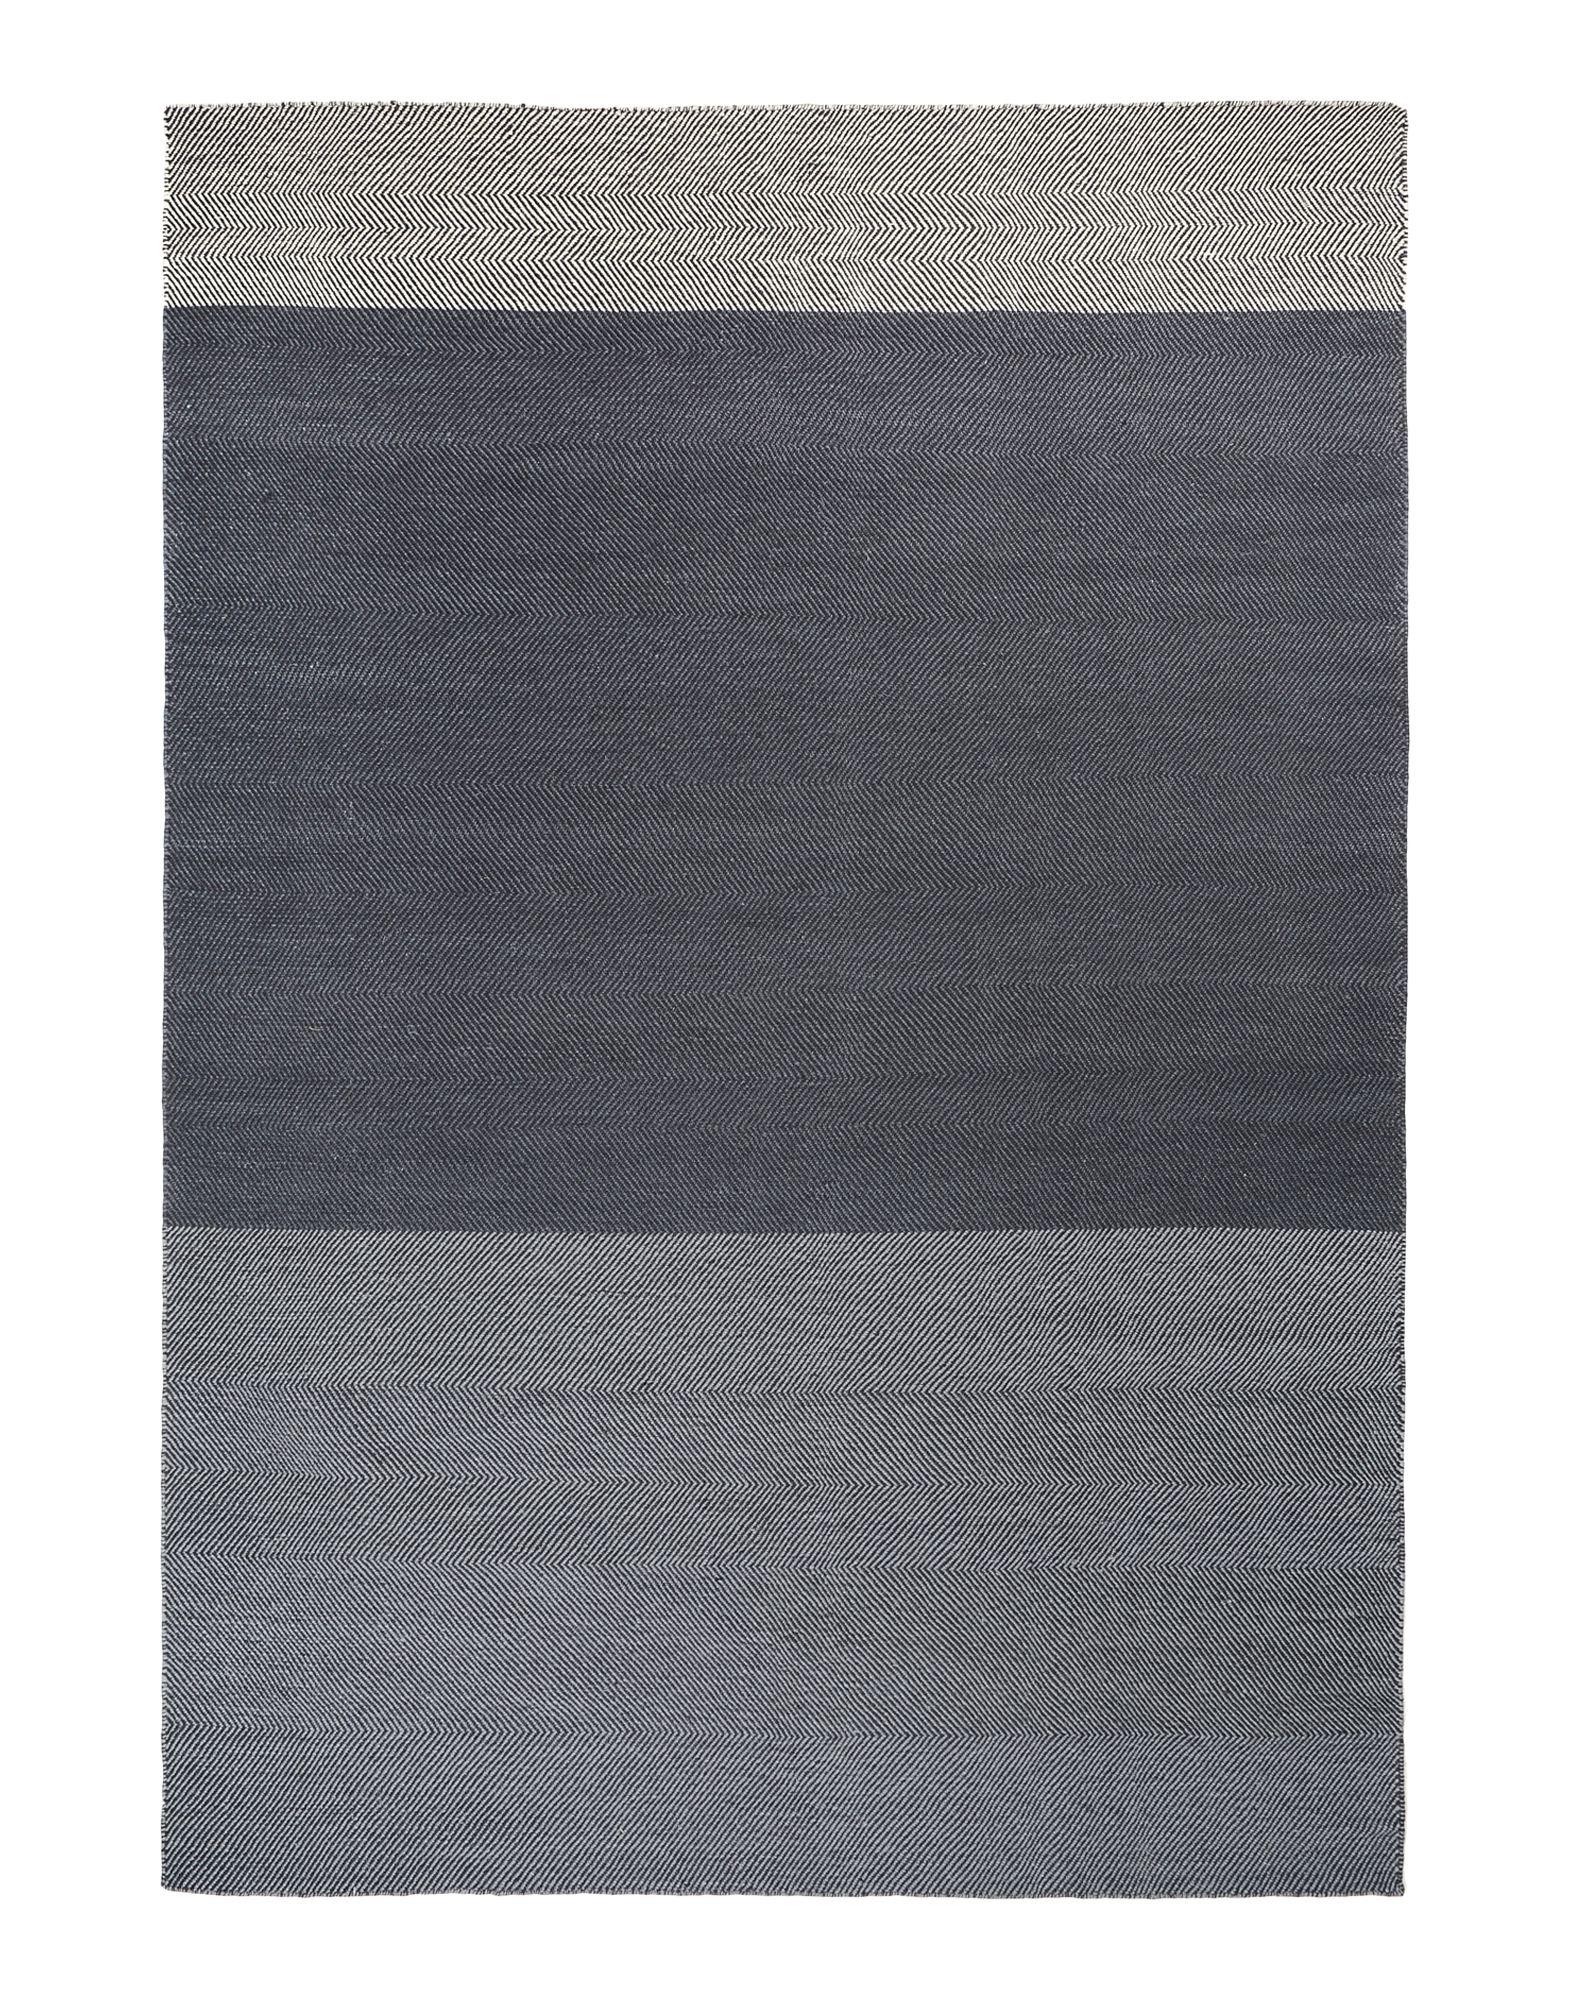 MUUTO Unisex Teppich Farbe Grau Größe 1